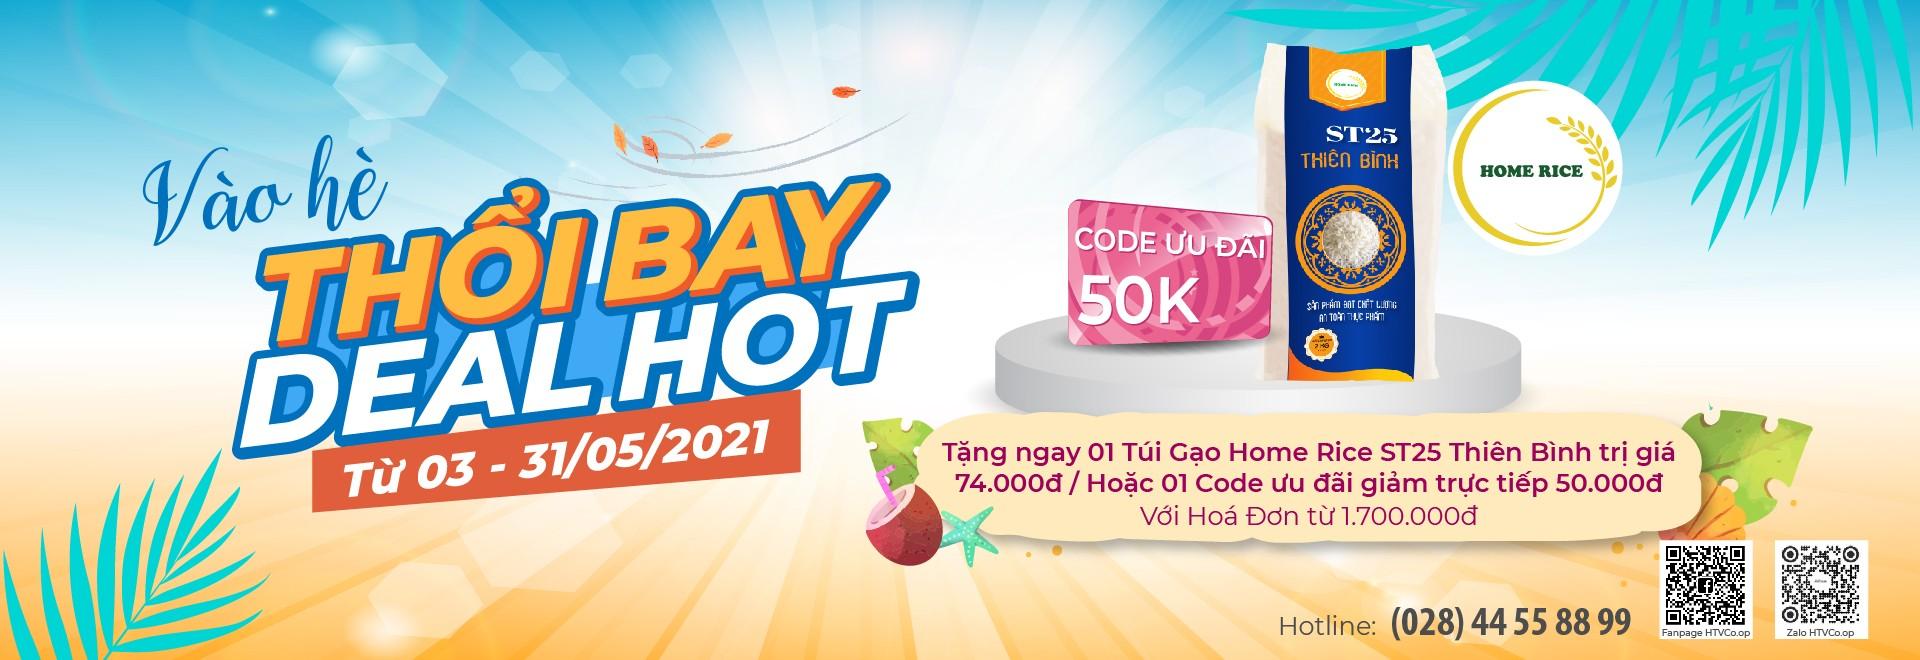 Chương trình tháng 5: Banner Vào Hè Thổi Bay Deal Hot